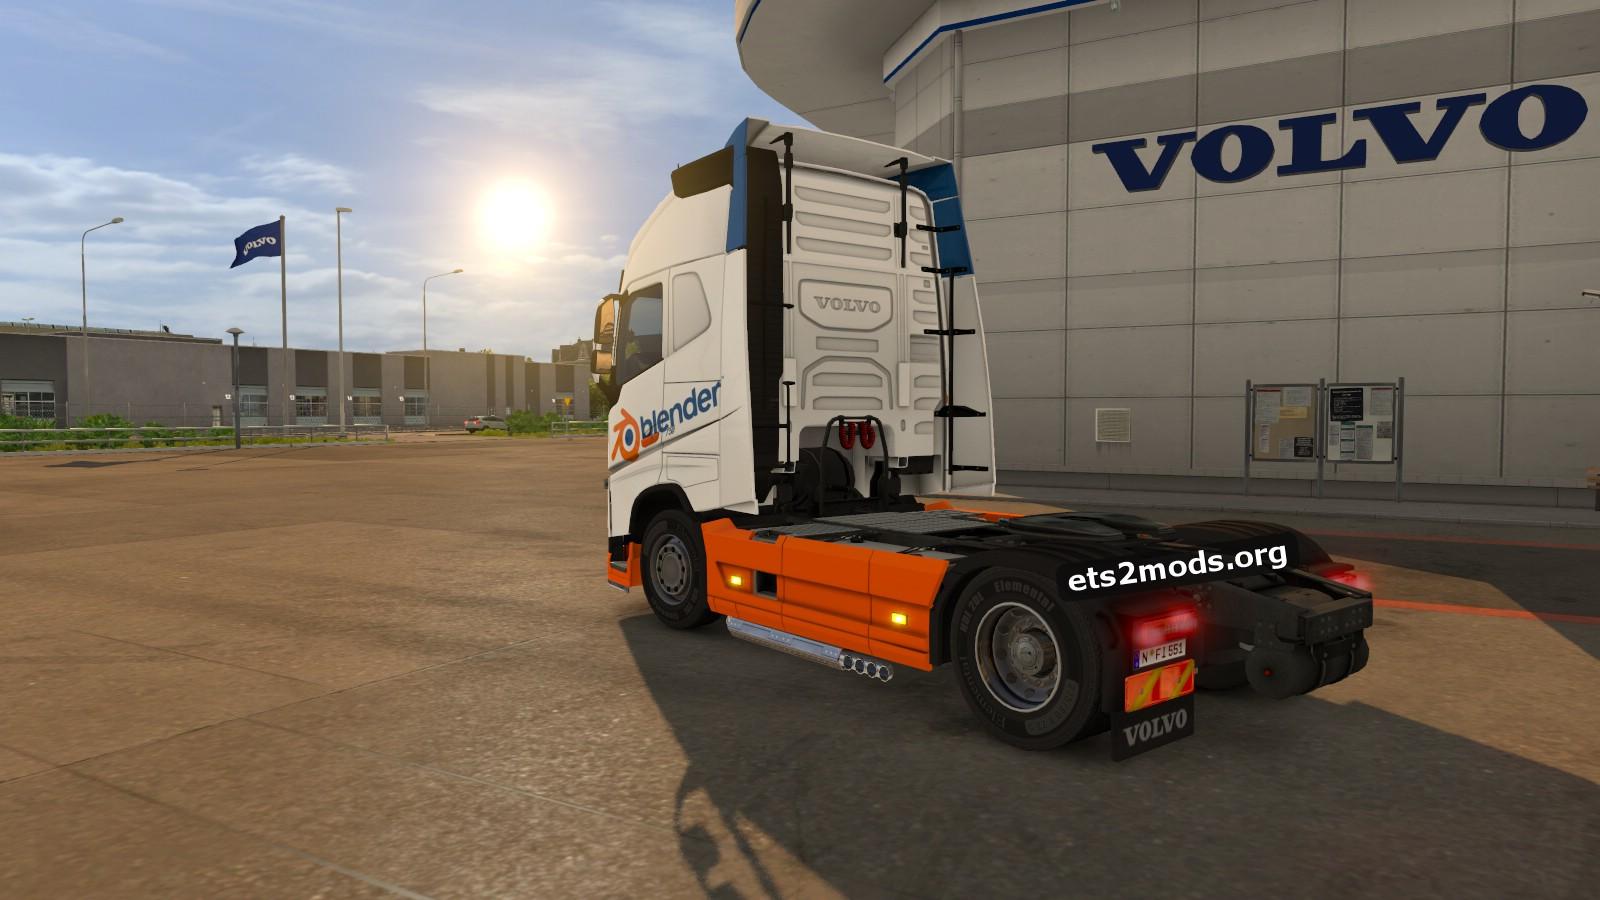 Blender Volvo skin